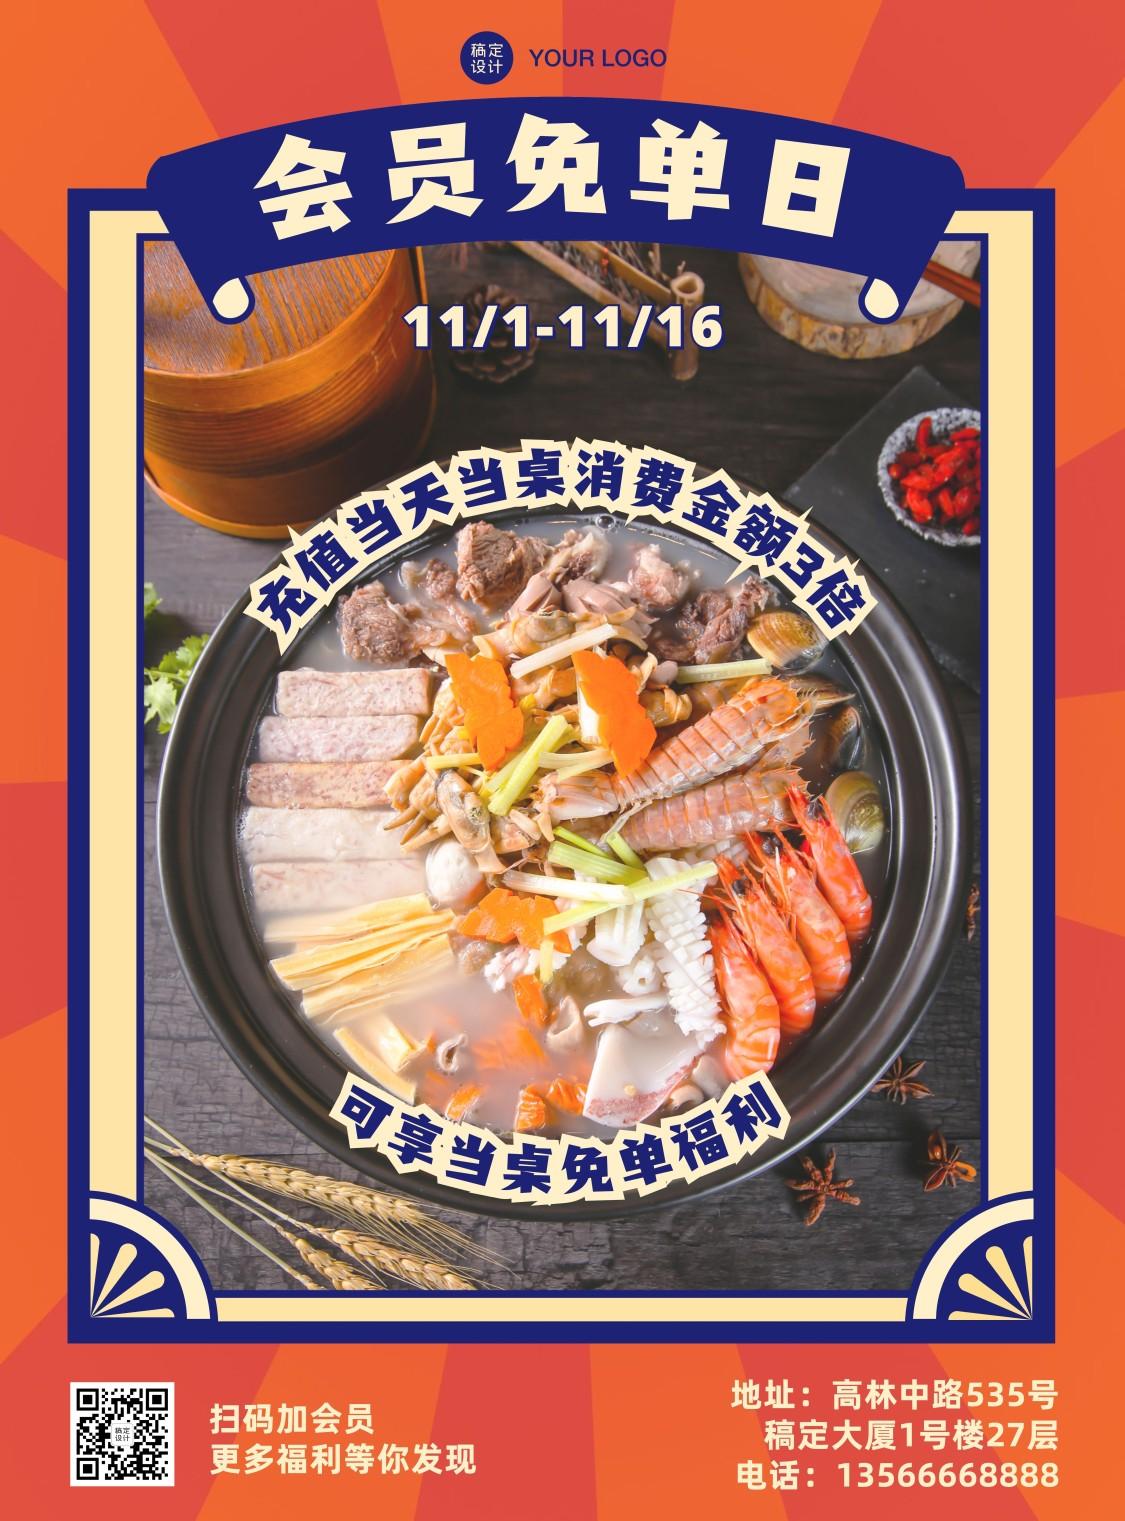 餐饮火锅会员活动印刷海报